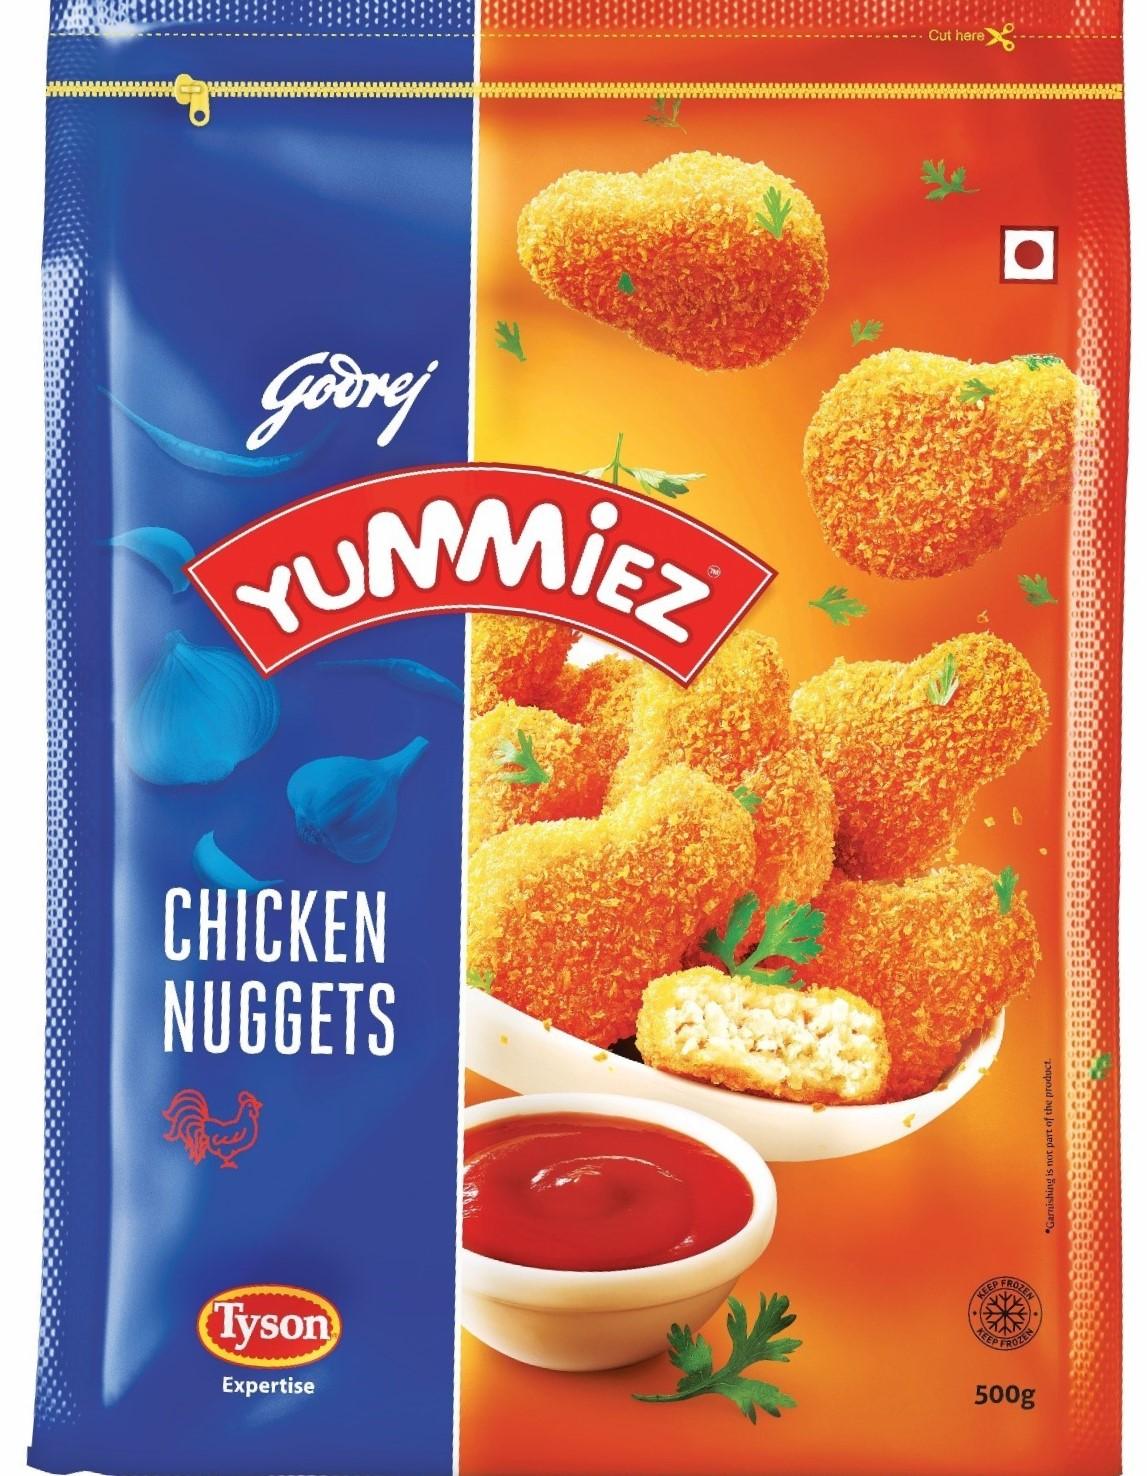 Yummiez Chicken Nuggets